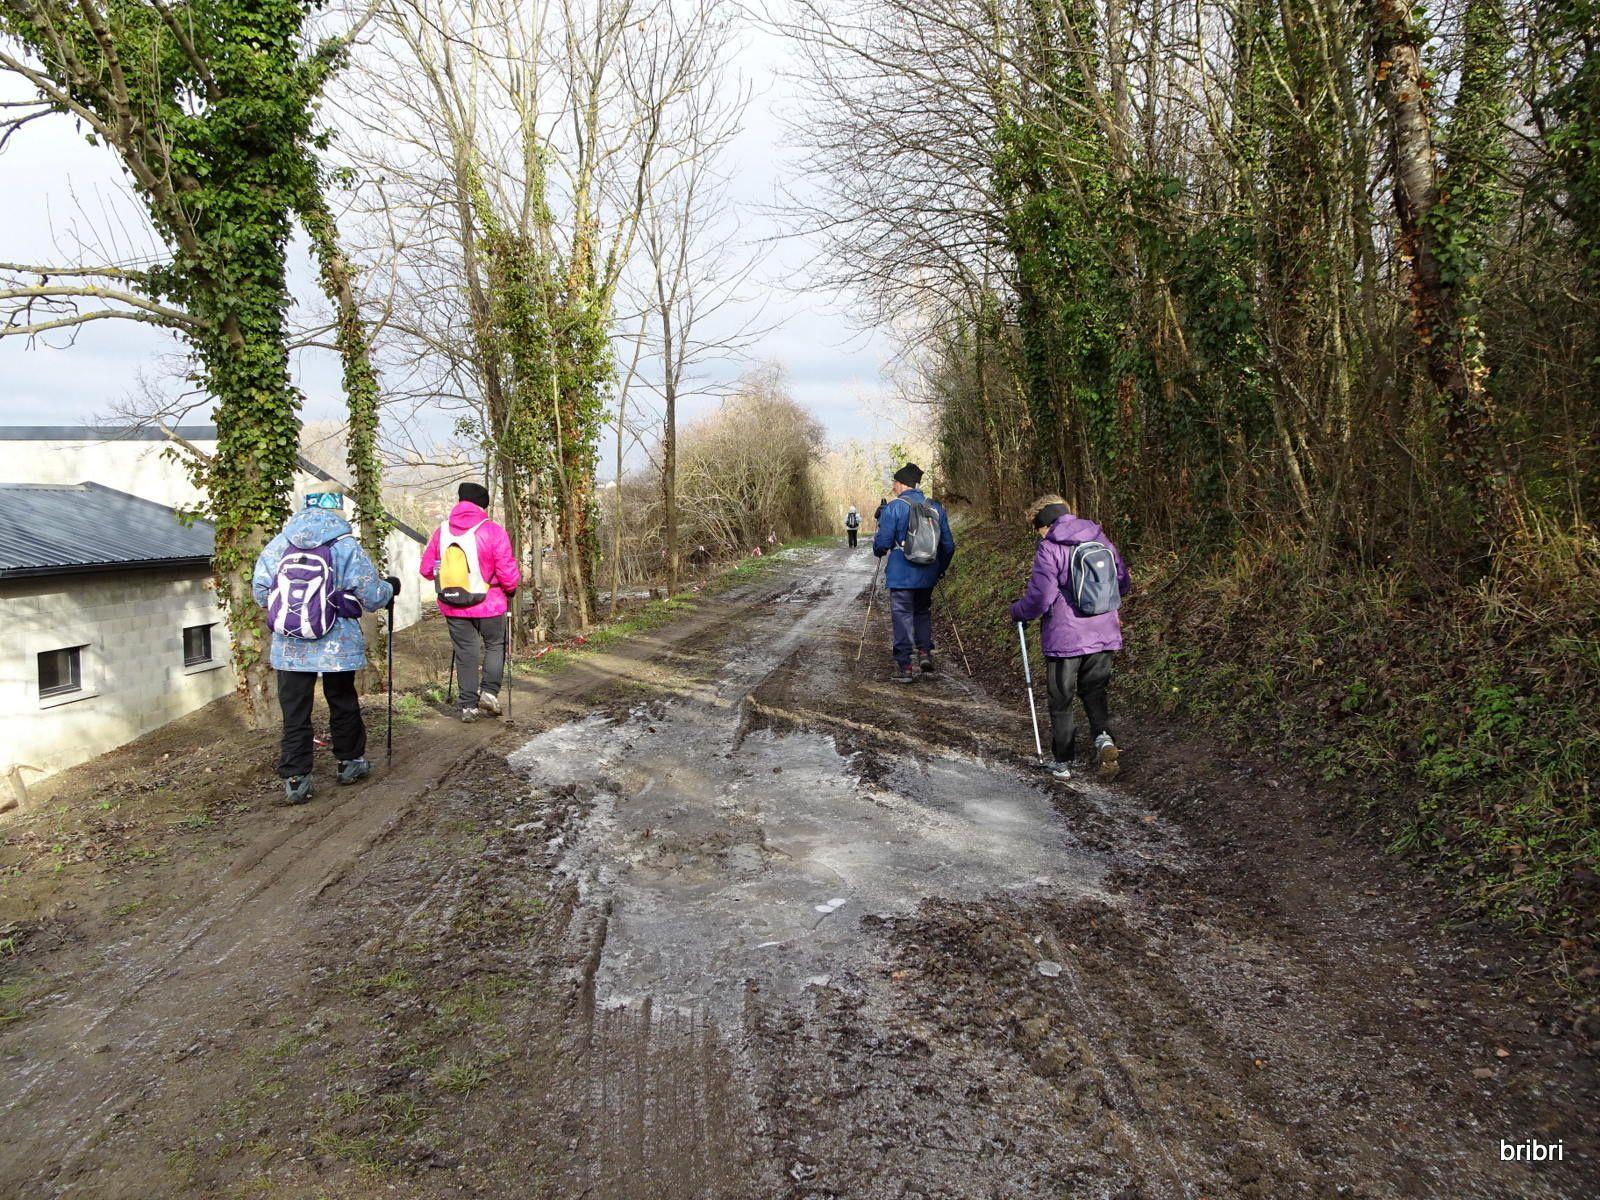 Le givre est là dans les coins ombragés et les chemins sont très boueux.Nous supportons bonnets, gants et doublures.